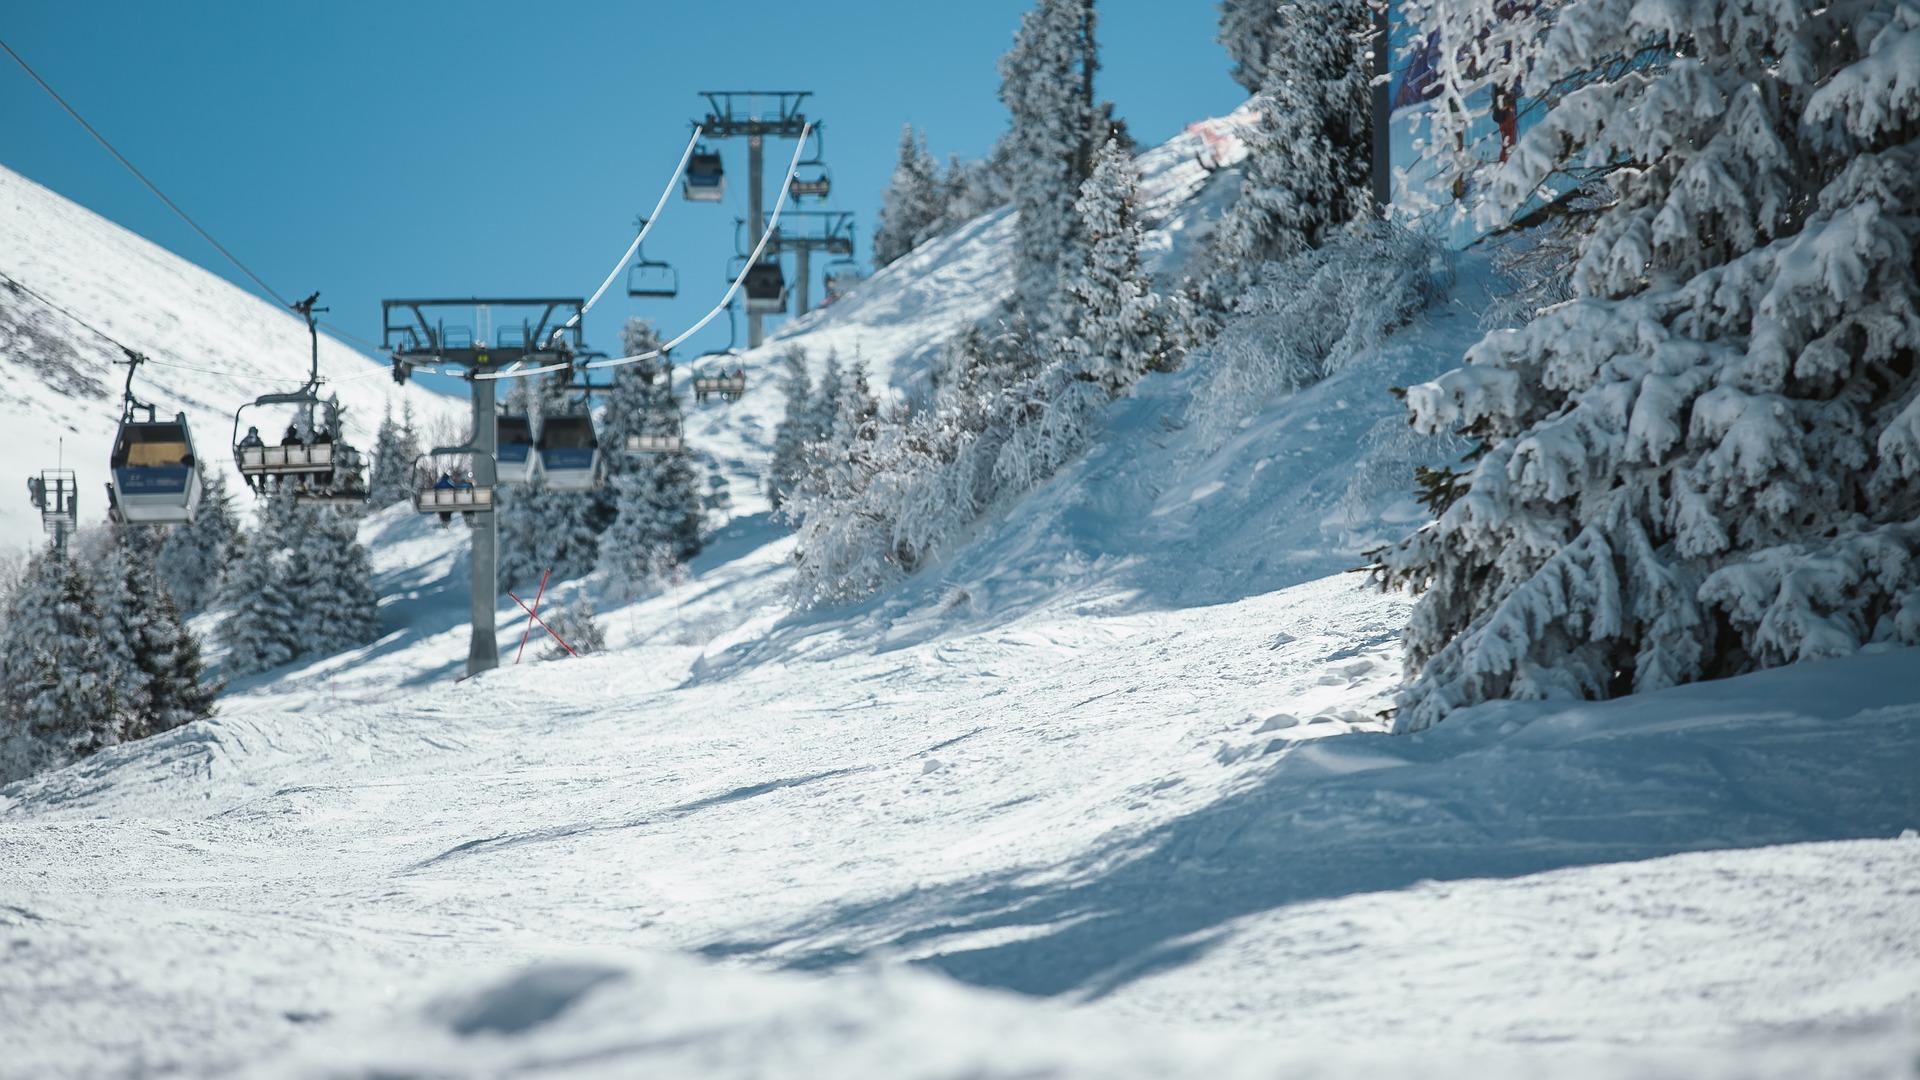 Skiurlaub ist hier sehr beliebt - da hier alles sehr günstig ist für einen langen Winterurlaub